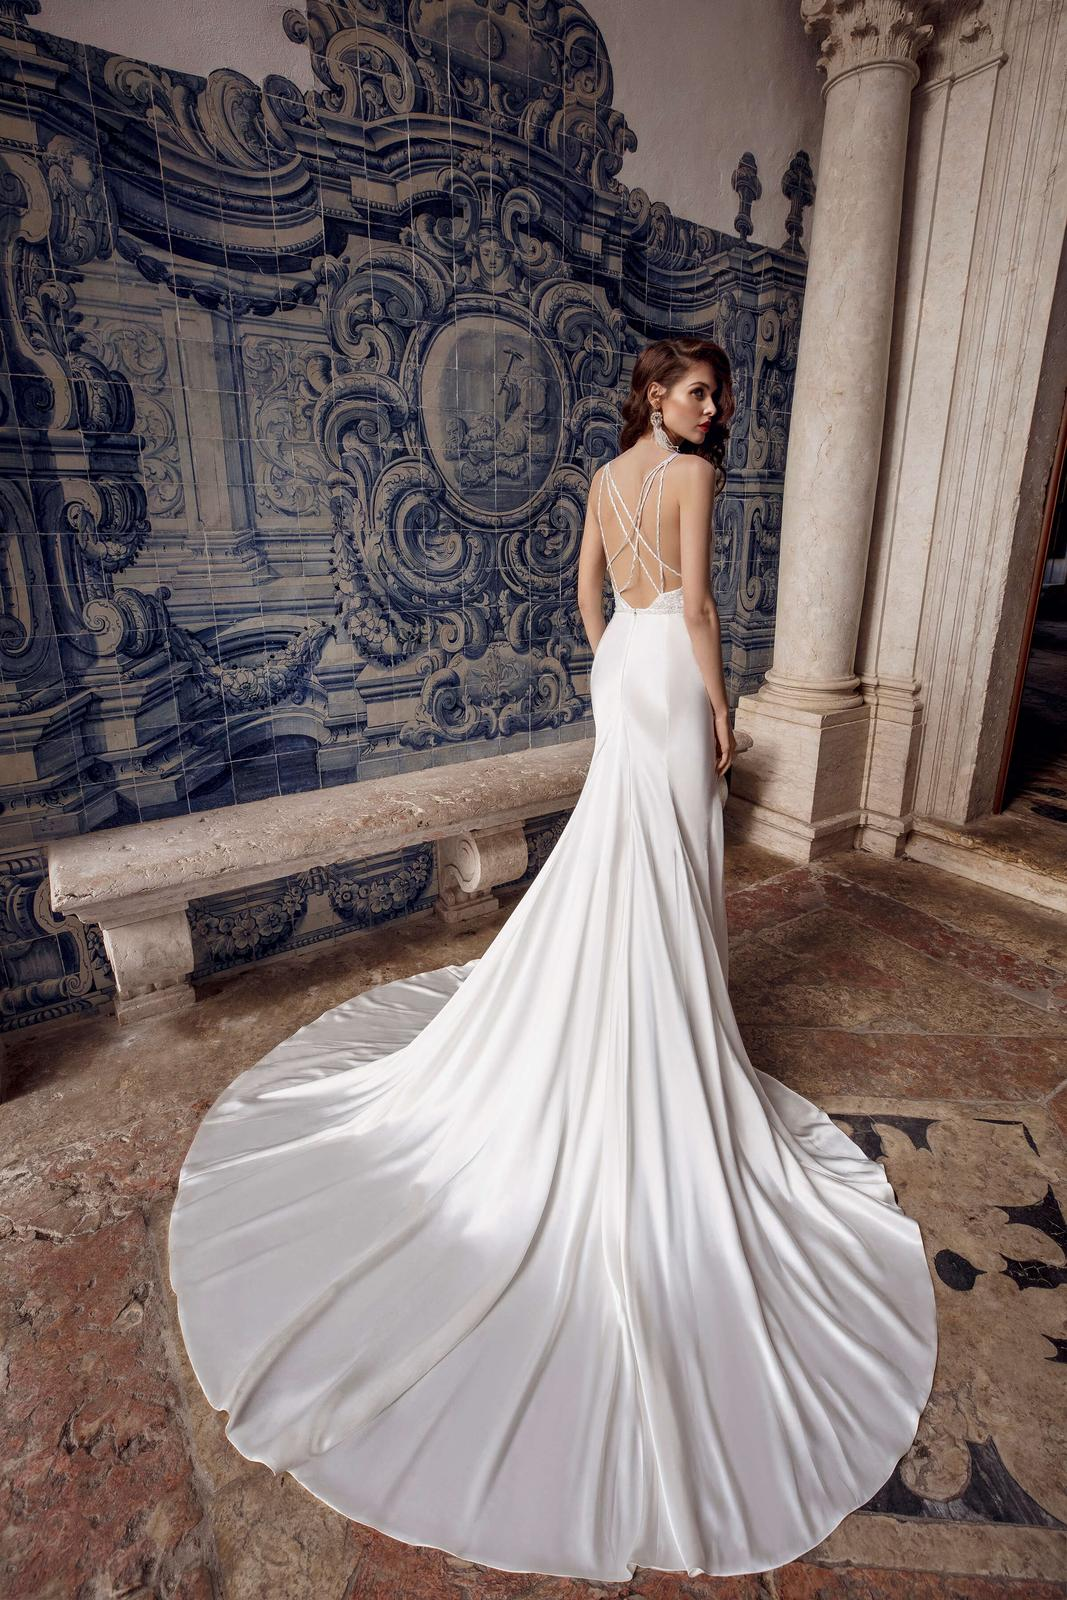 Innocentia Divina 2019 * Svadobné šaty z kolekcií na rok 2019 - Obrázok č. 3